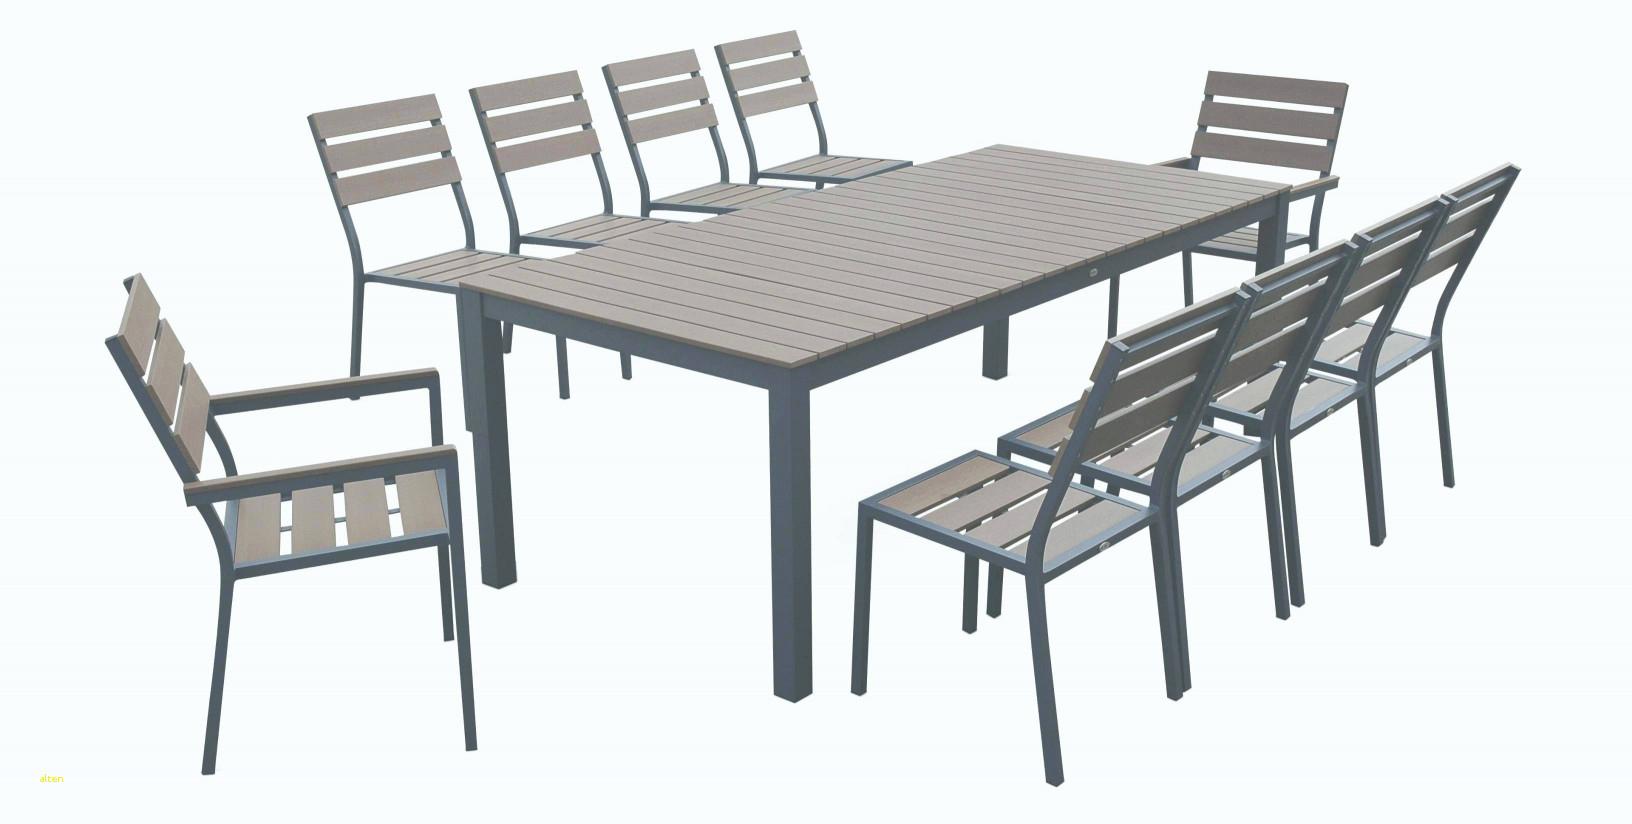 Table Cuisine Conforama Inspirant Images Table Basse Conforama Best Table Et Chaises De Cuisine Alinea